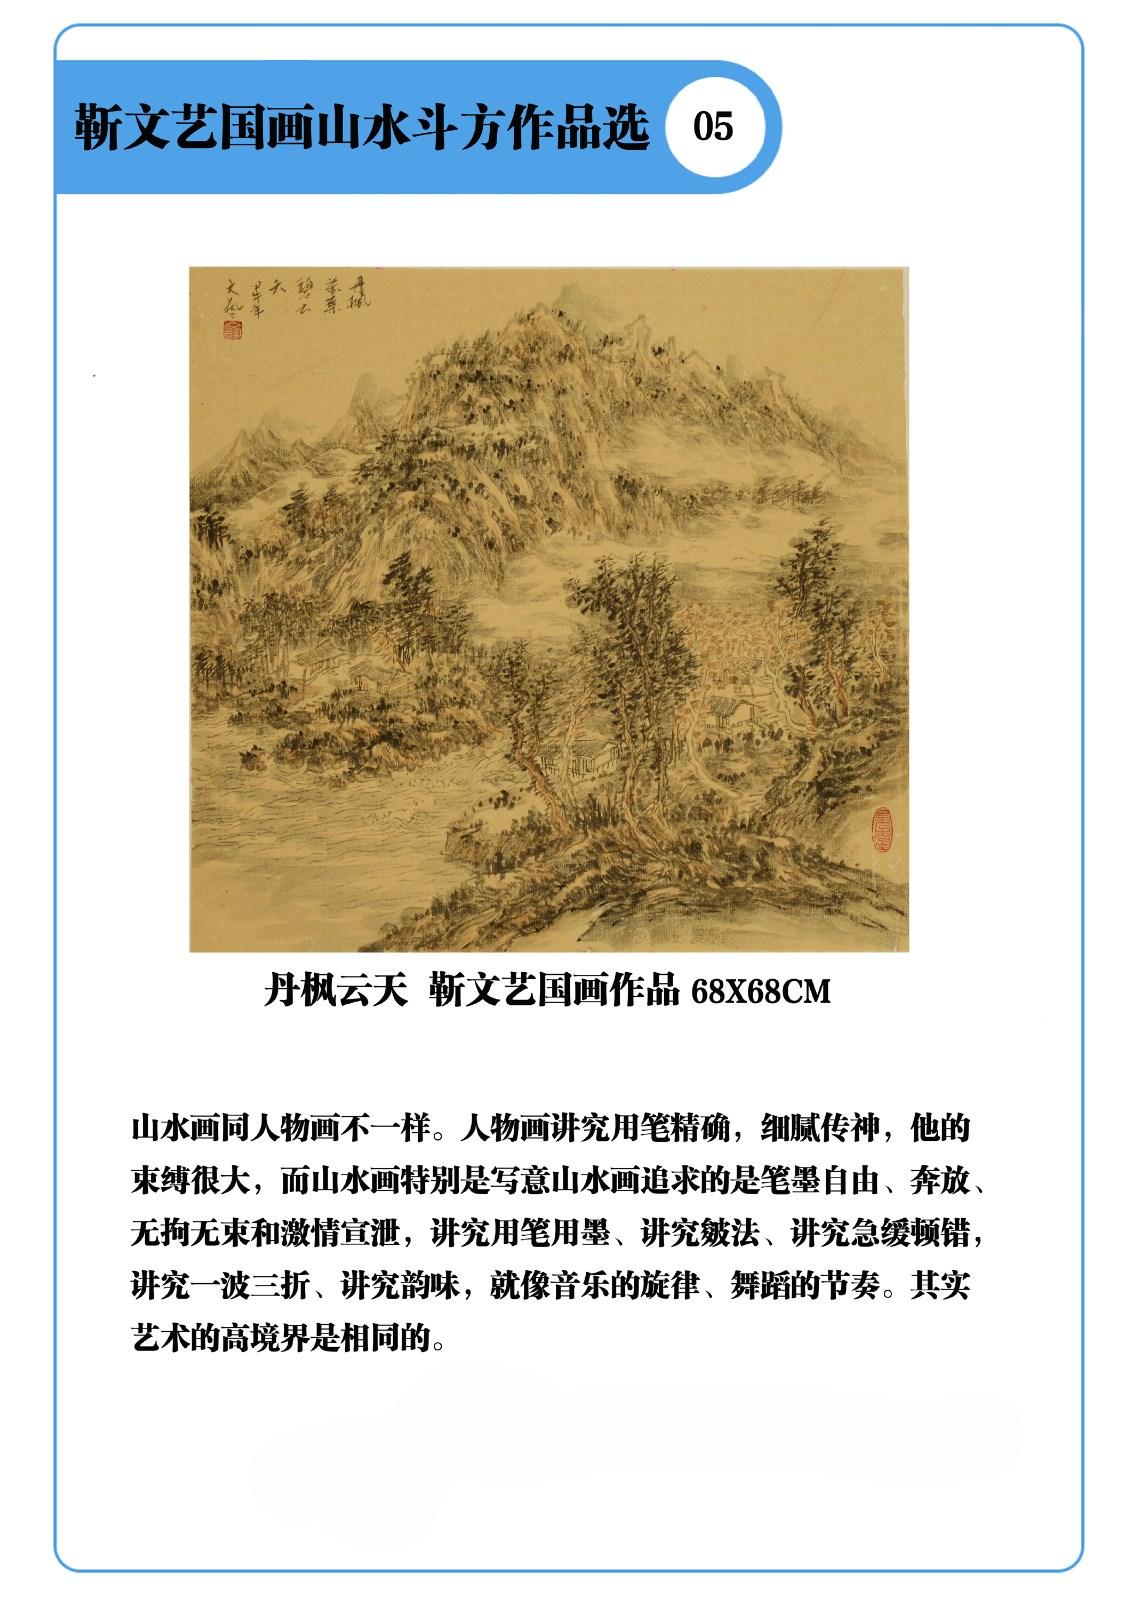 国画导师靳文艺先生作品   欢迎关注分享收藏_图1-1